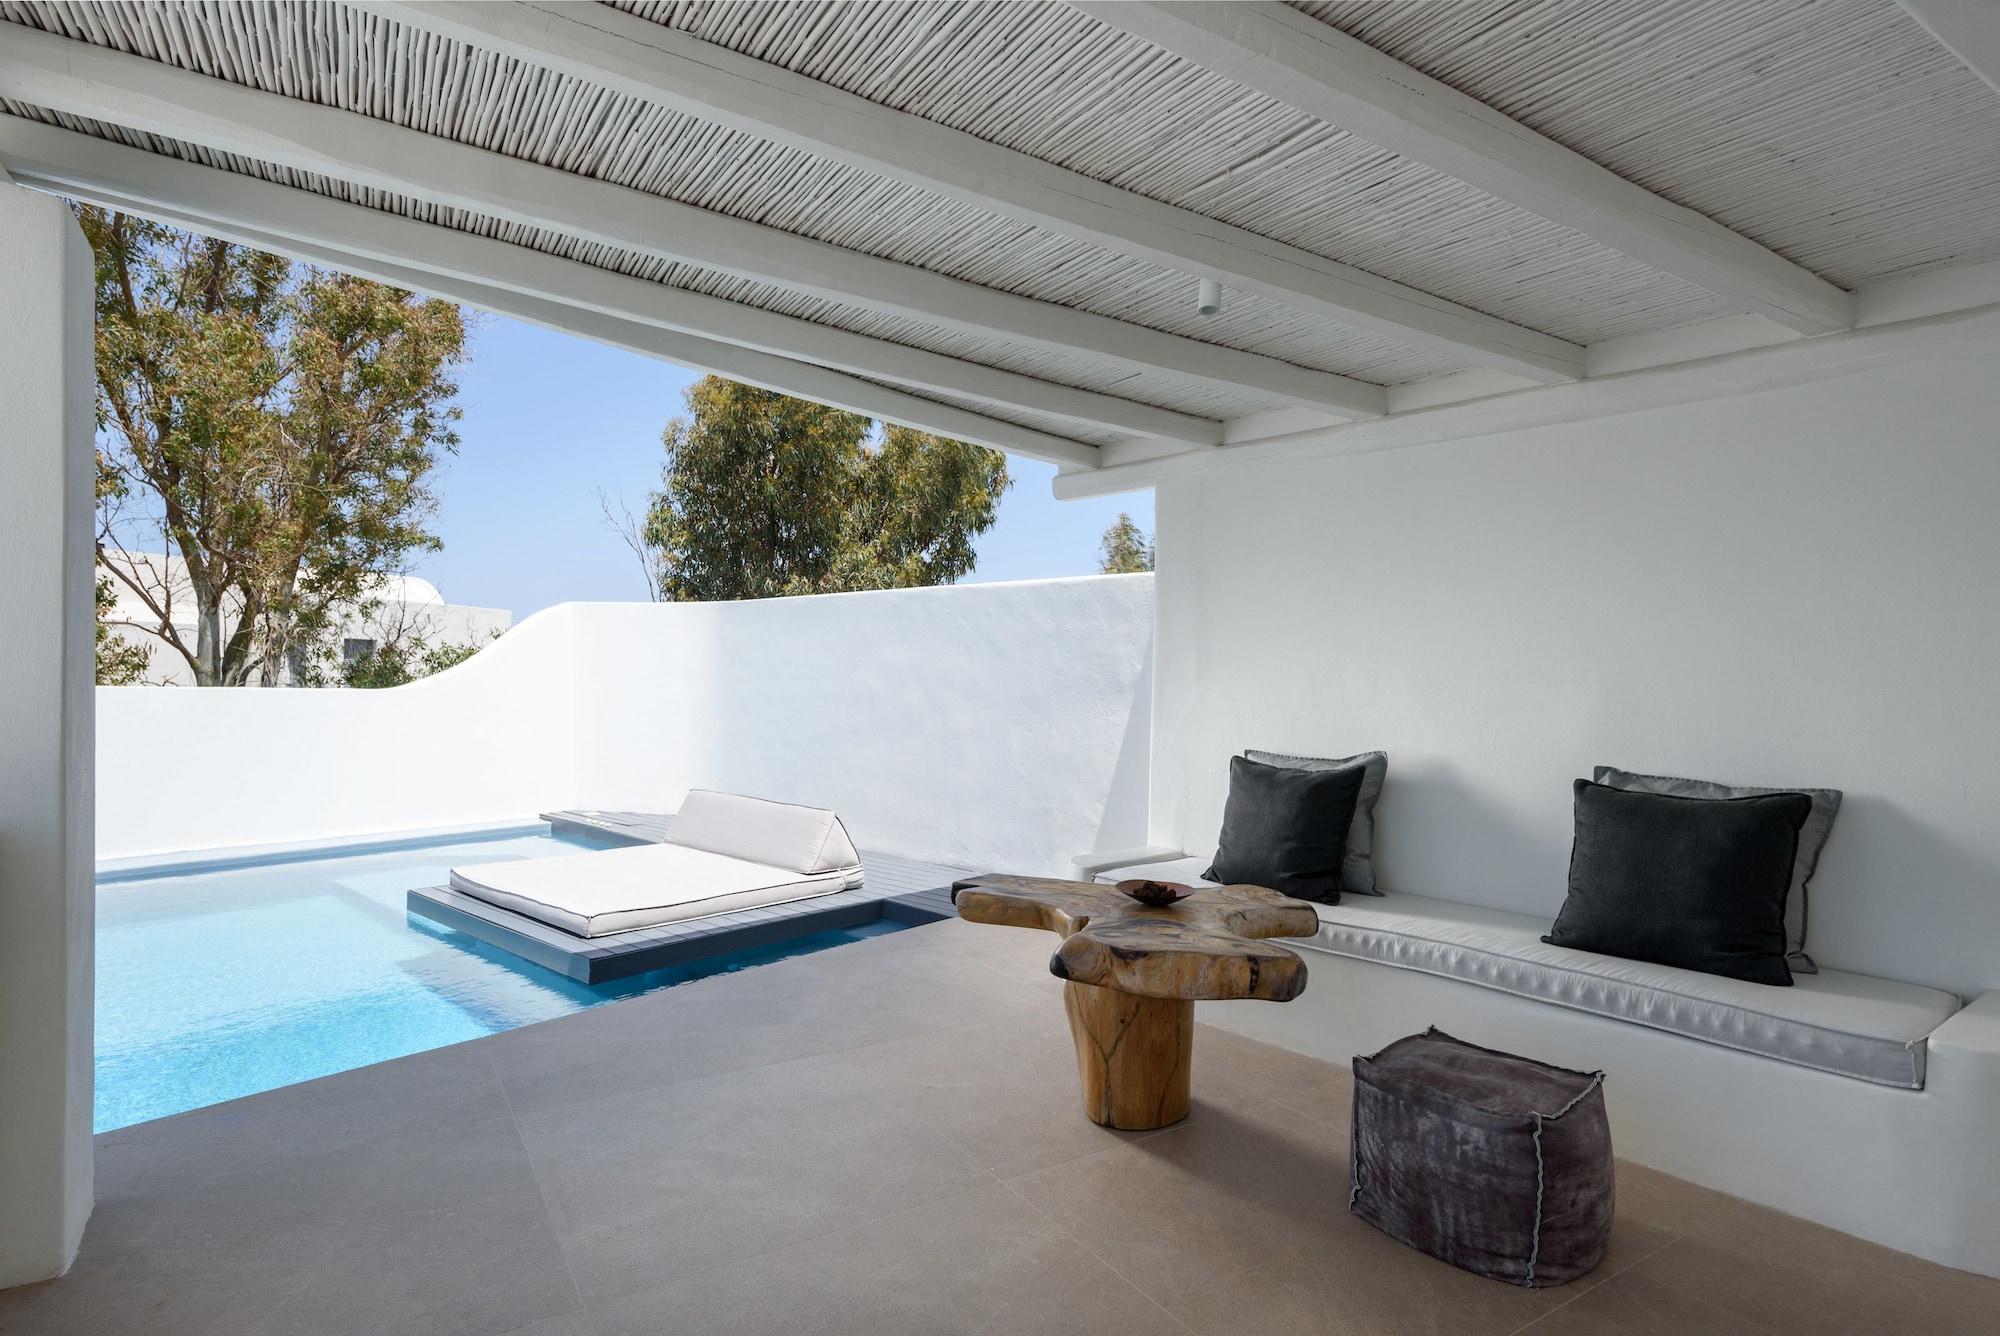 Honeymoon Pool Suite 2 pax